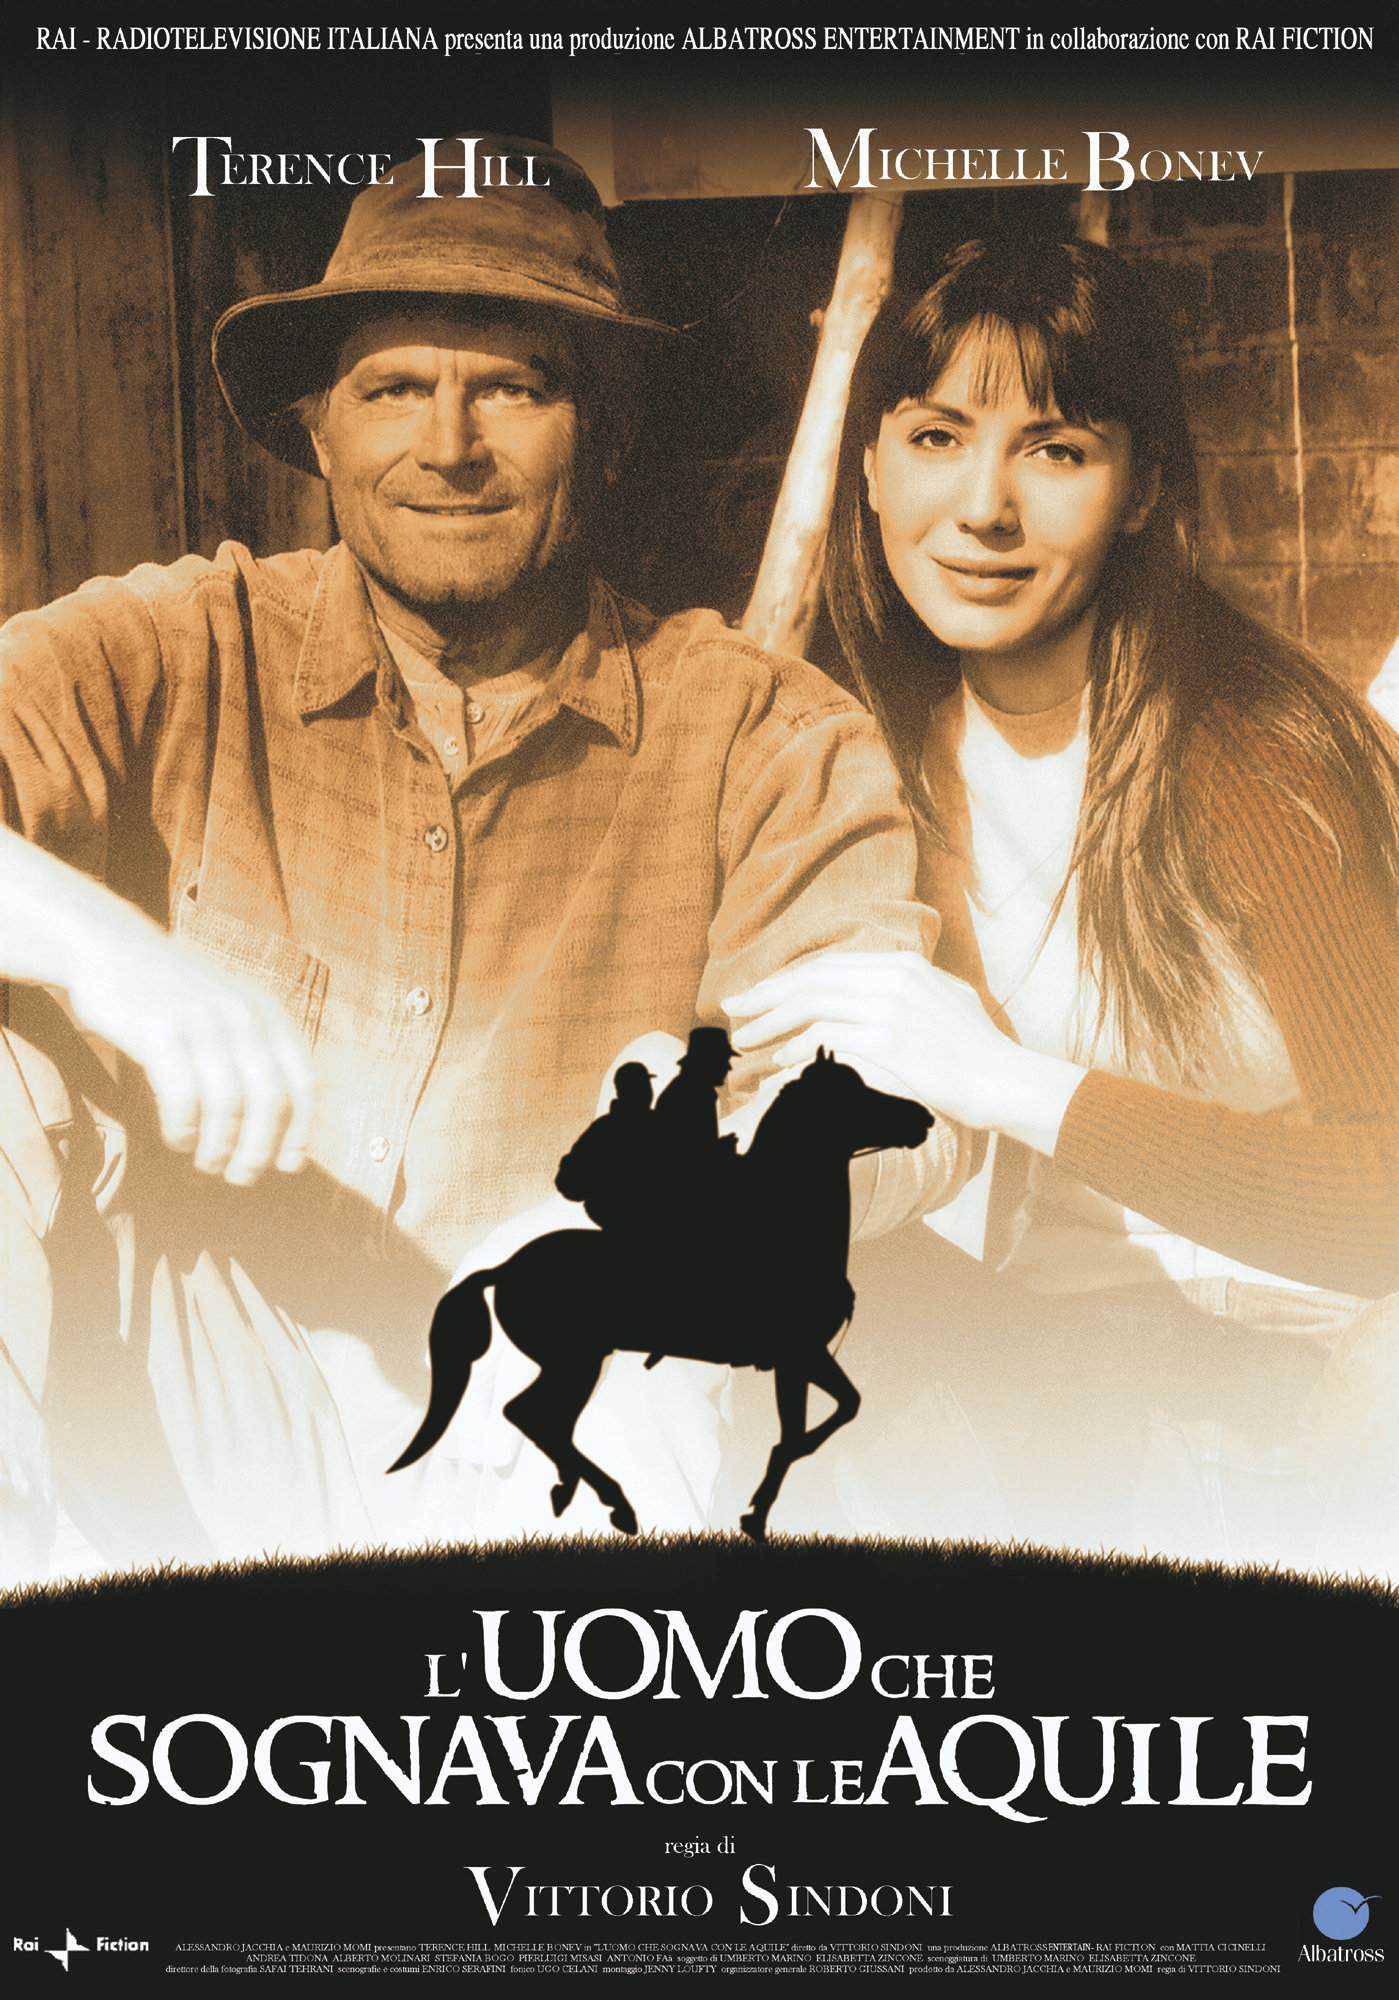 Terence Hill and Michelle Bonev in L'uomo che sognava con le aquile (2006)